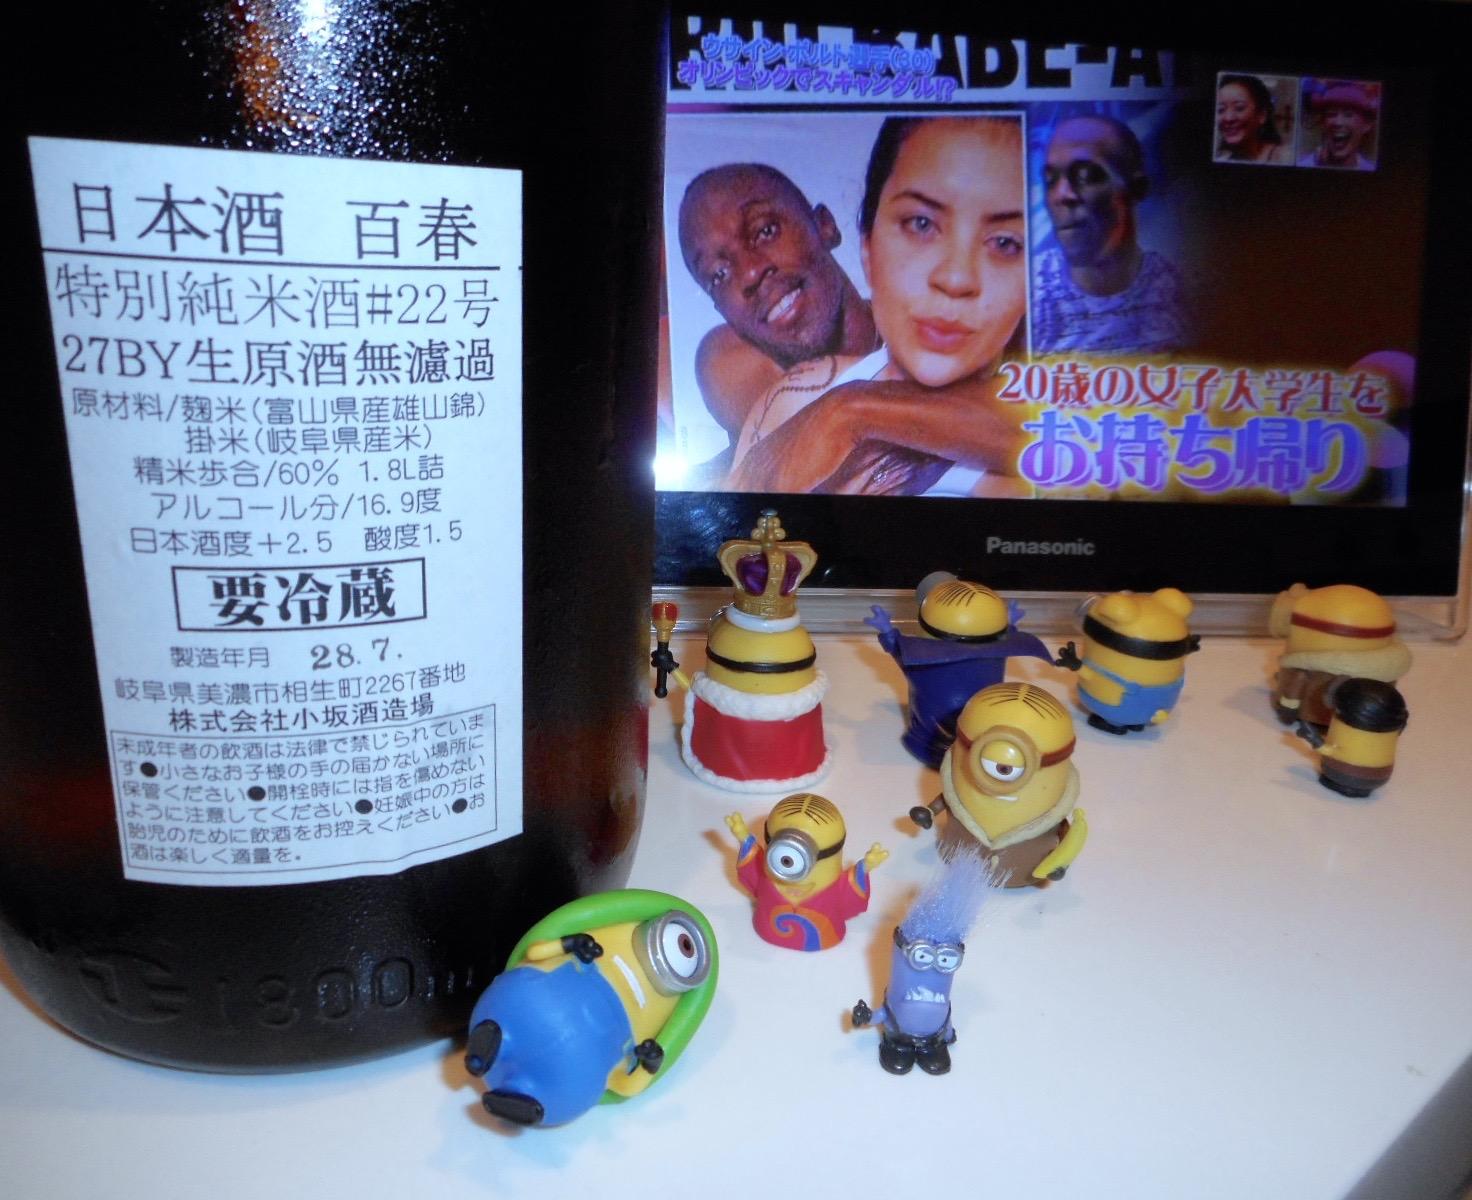 hyakushun_oyamanishiki27by2.jpg